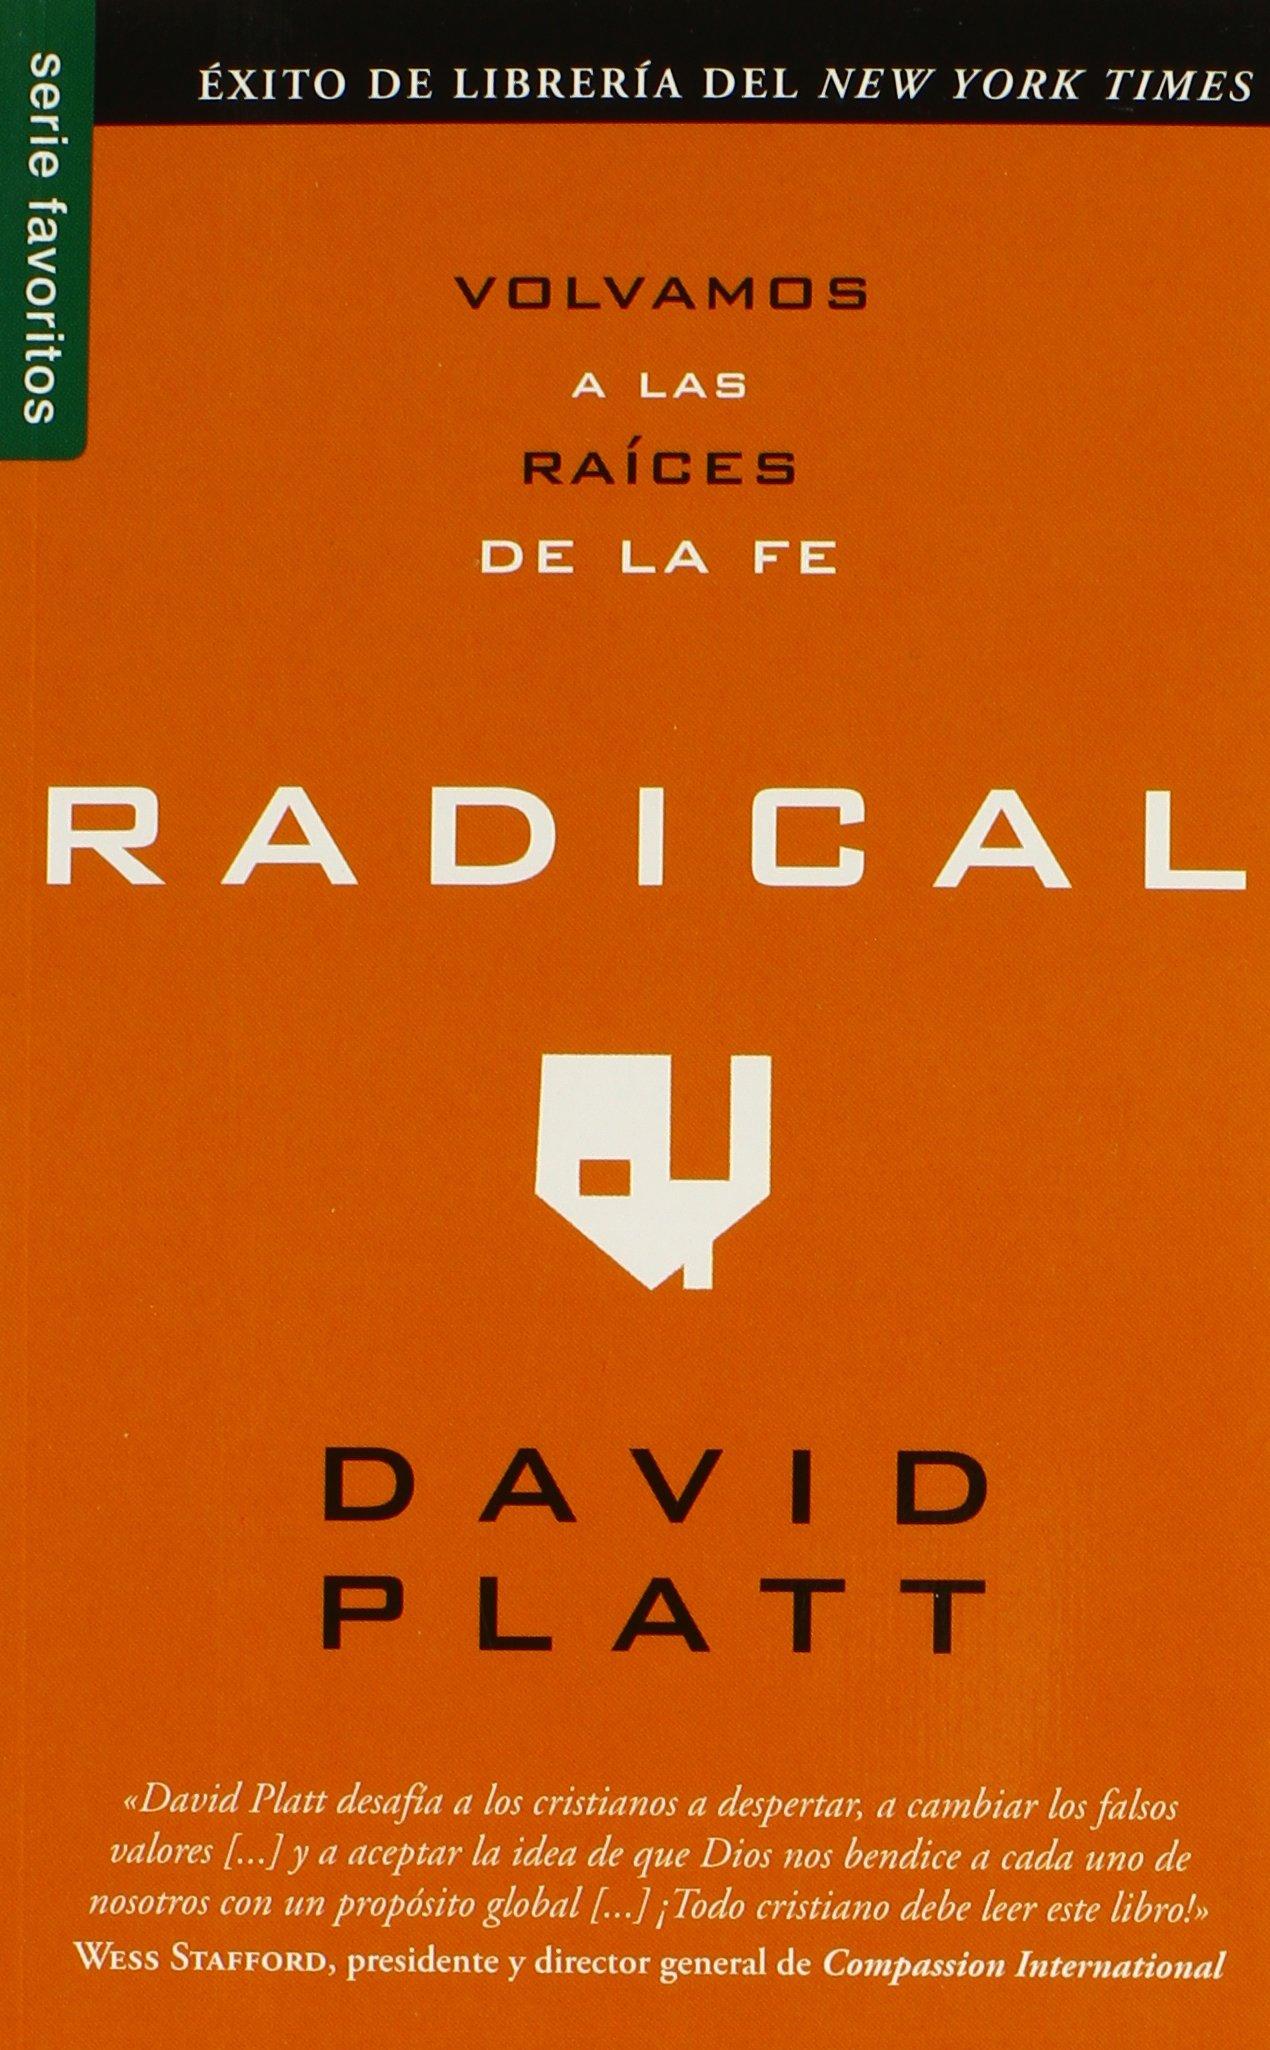 Radical: Volvamos A las Raices de la Fe (Favoritos): Amazon.es: David Platt: Libros